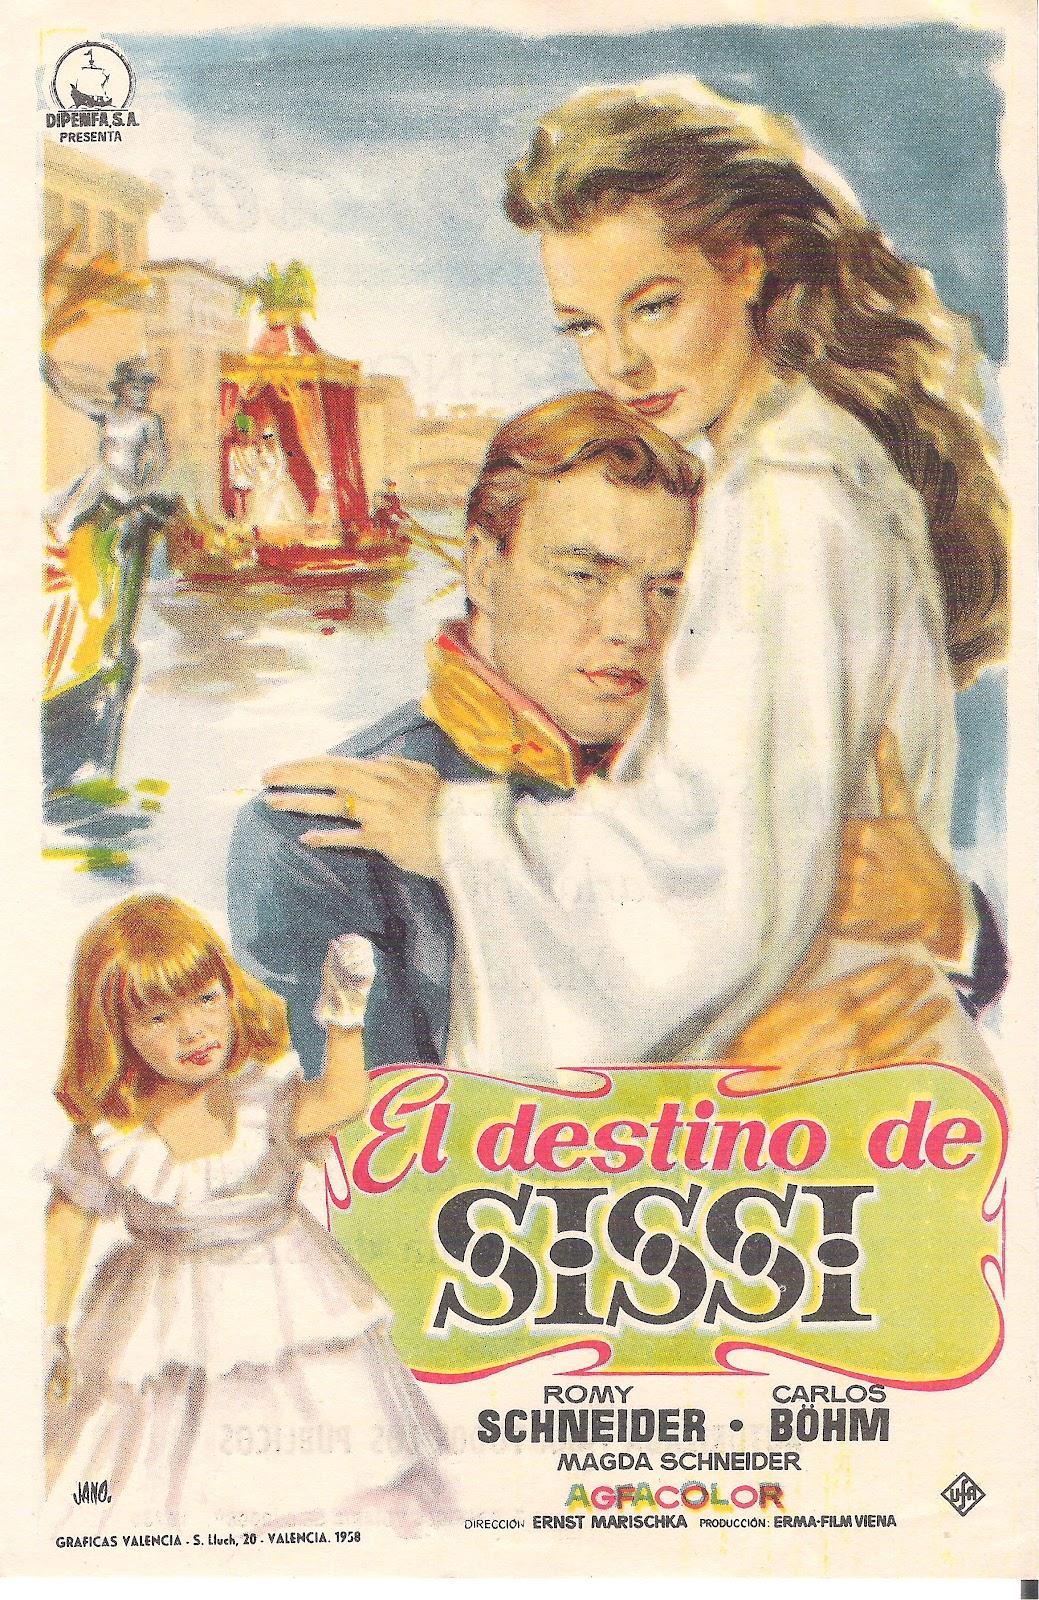 http://1.bp.blogspot.com/-IiVNnmrMgAc/UBLzwSBaSJI/AAAAAAAABEE/sD_JiDVYCDk/s1600/EL+DESTINO+DE+SISSI+001.jpg